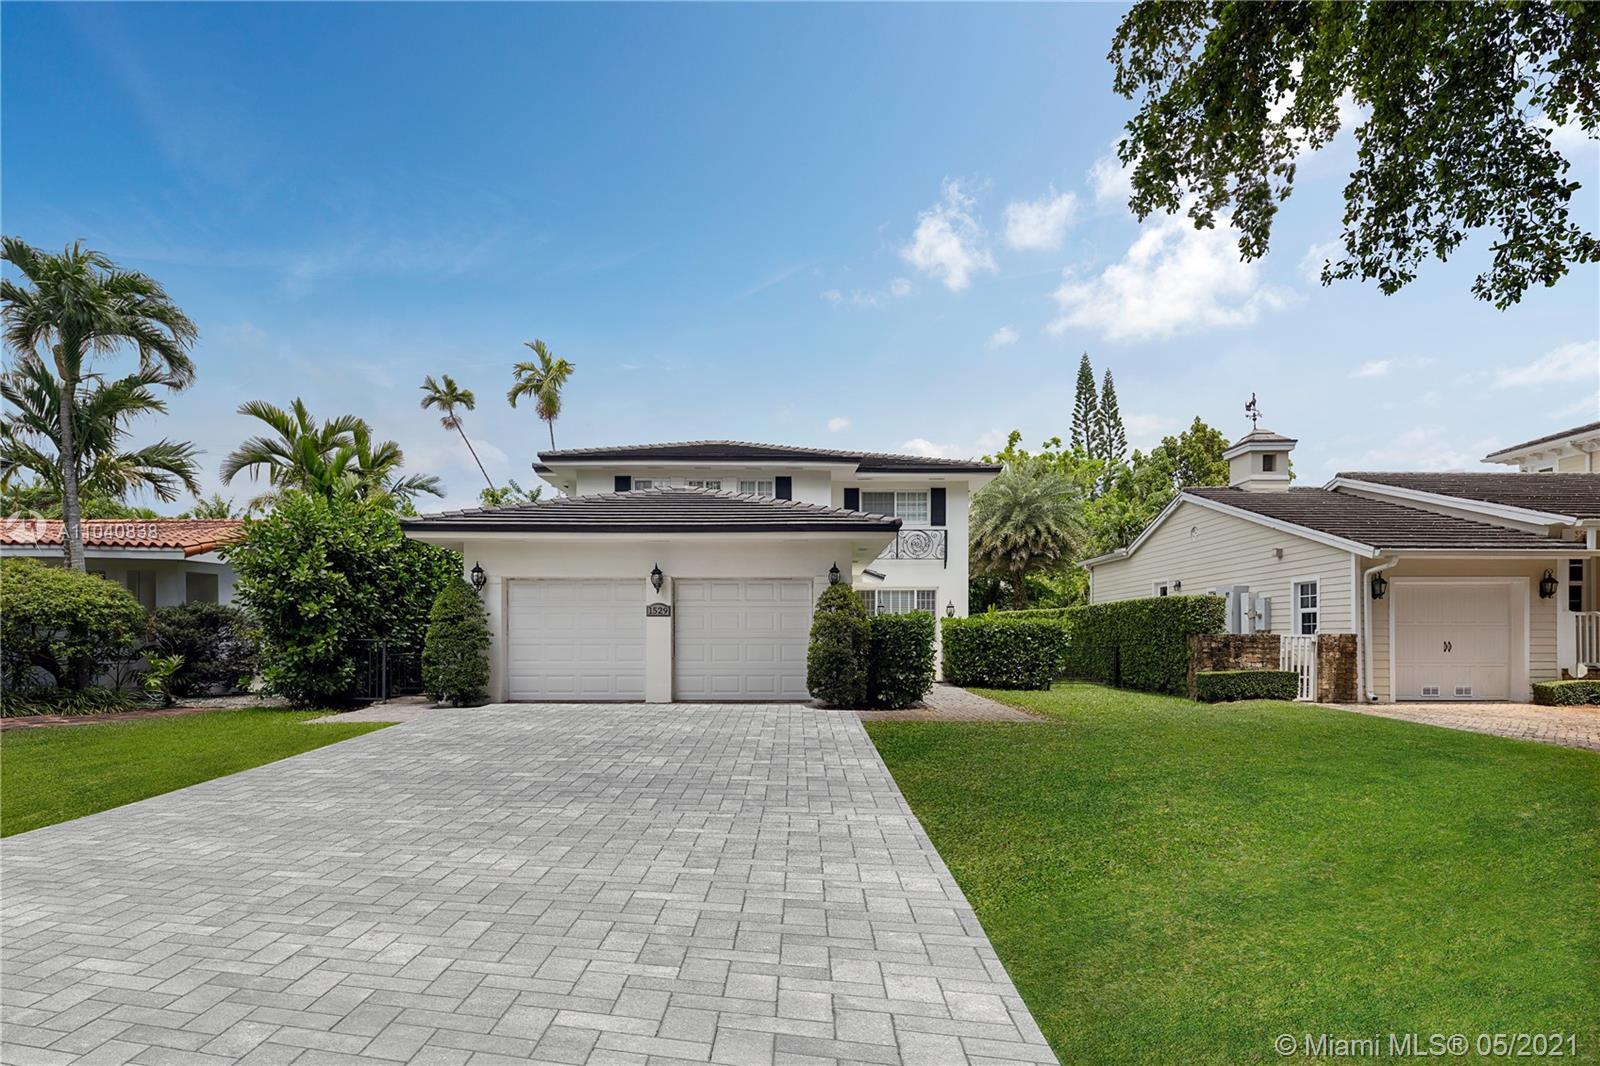 South Miami - 1529 Mercado Ave, Coral Gables, FL 33146